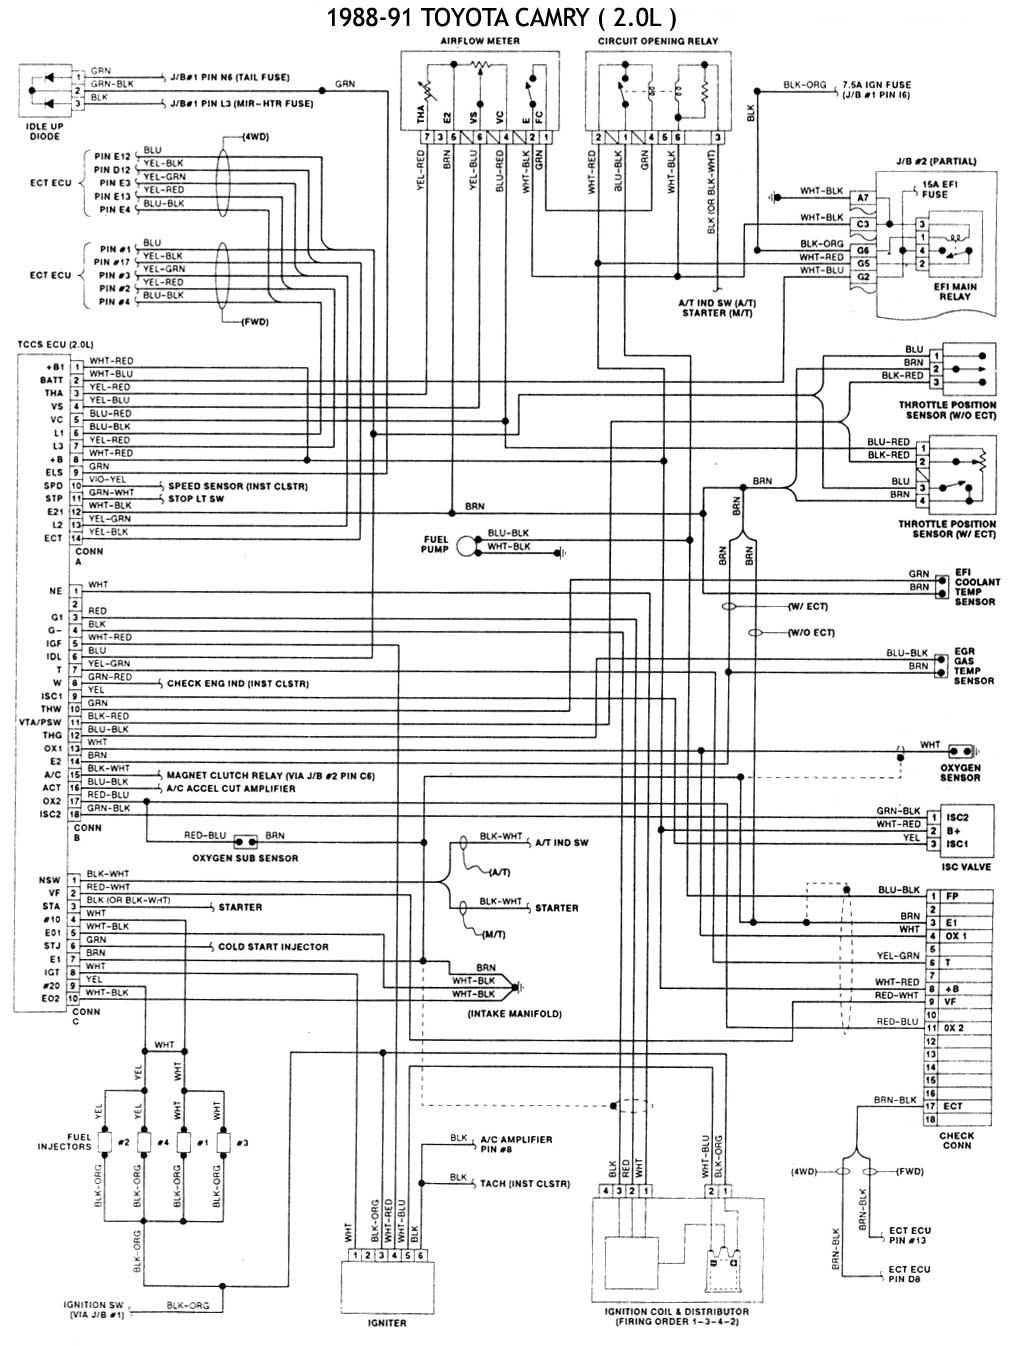 hight resolution of toyota 1986 93 diagramas esquemas ubic de comp mecanica electrico de toyota corolla 97 on 1992 toyota tercel engine diagram